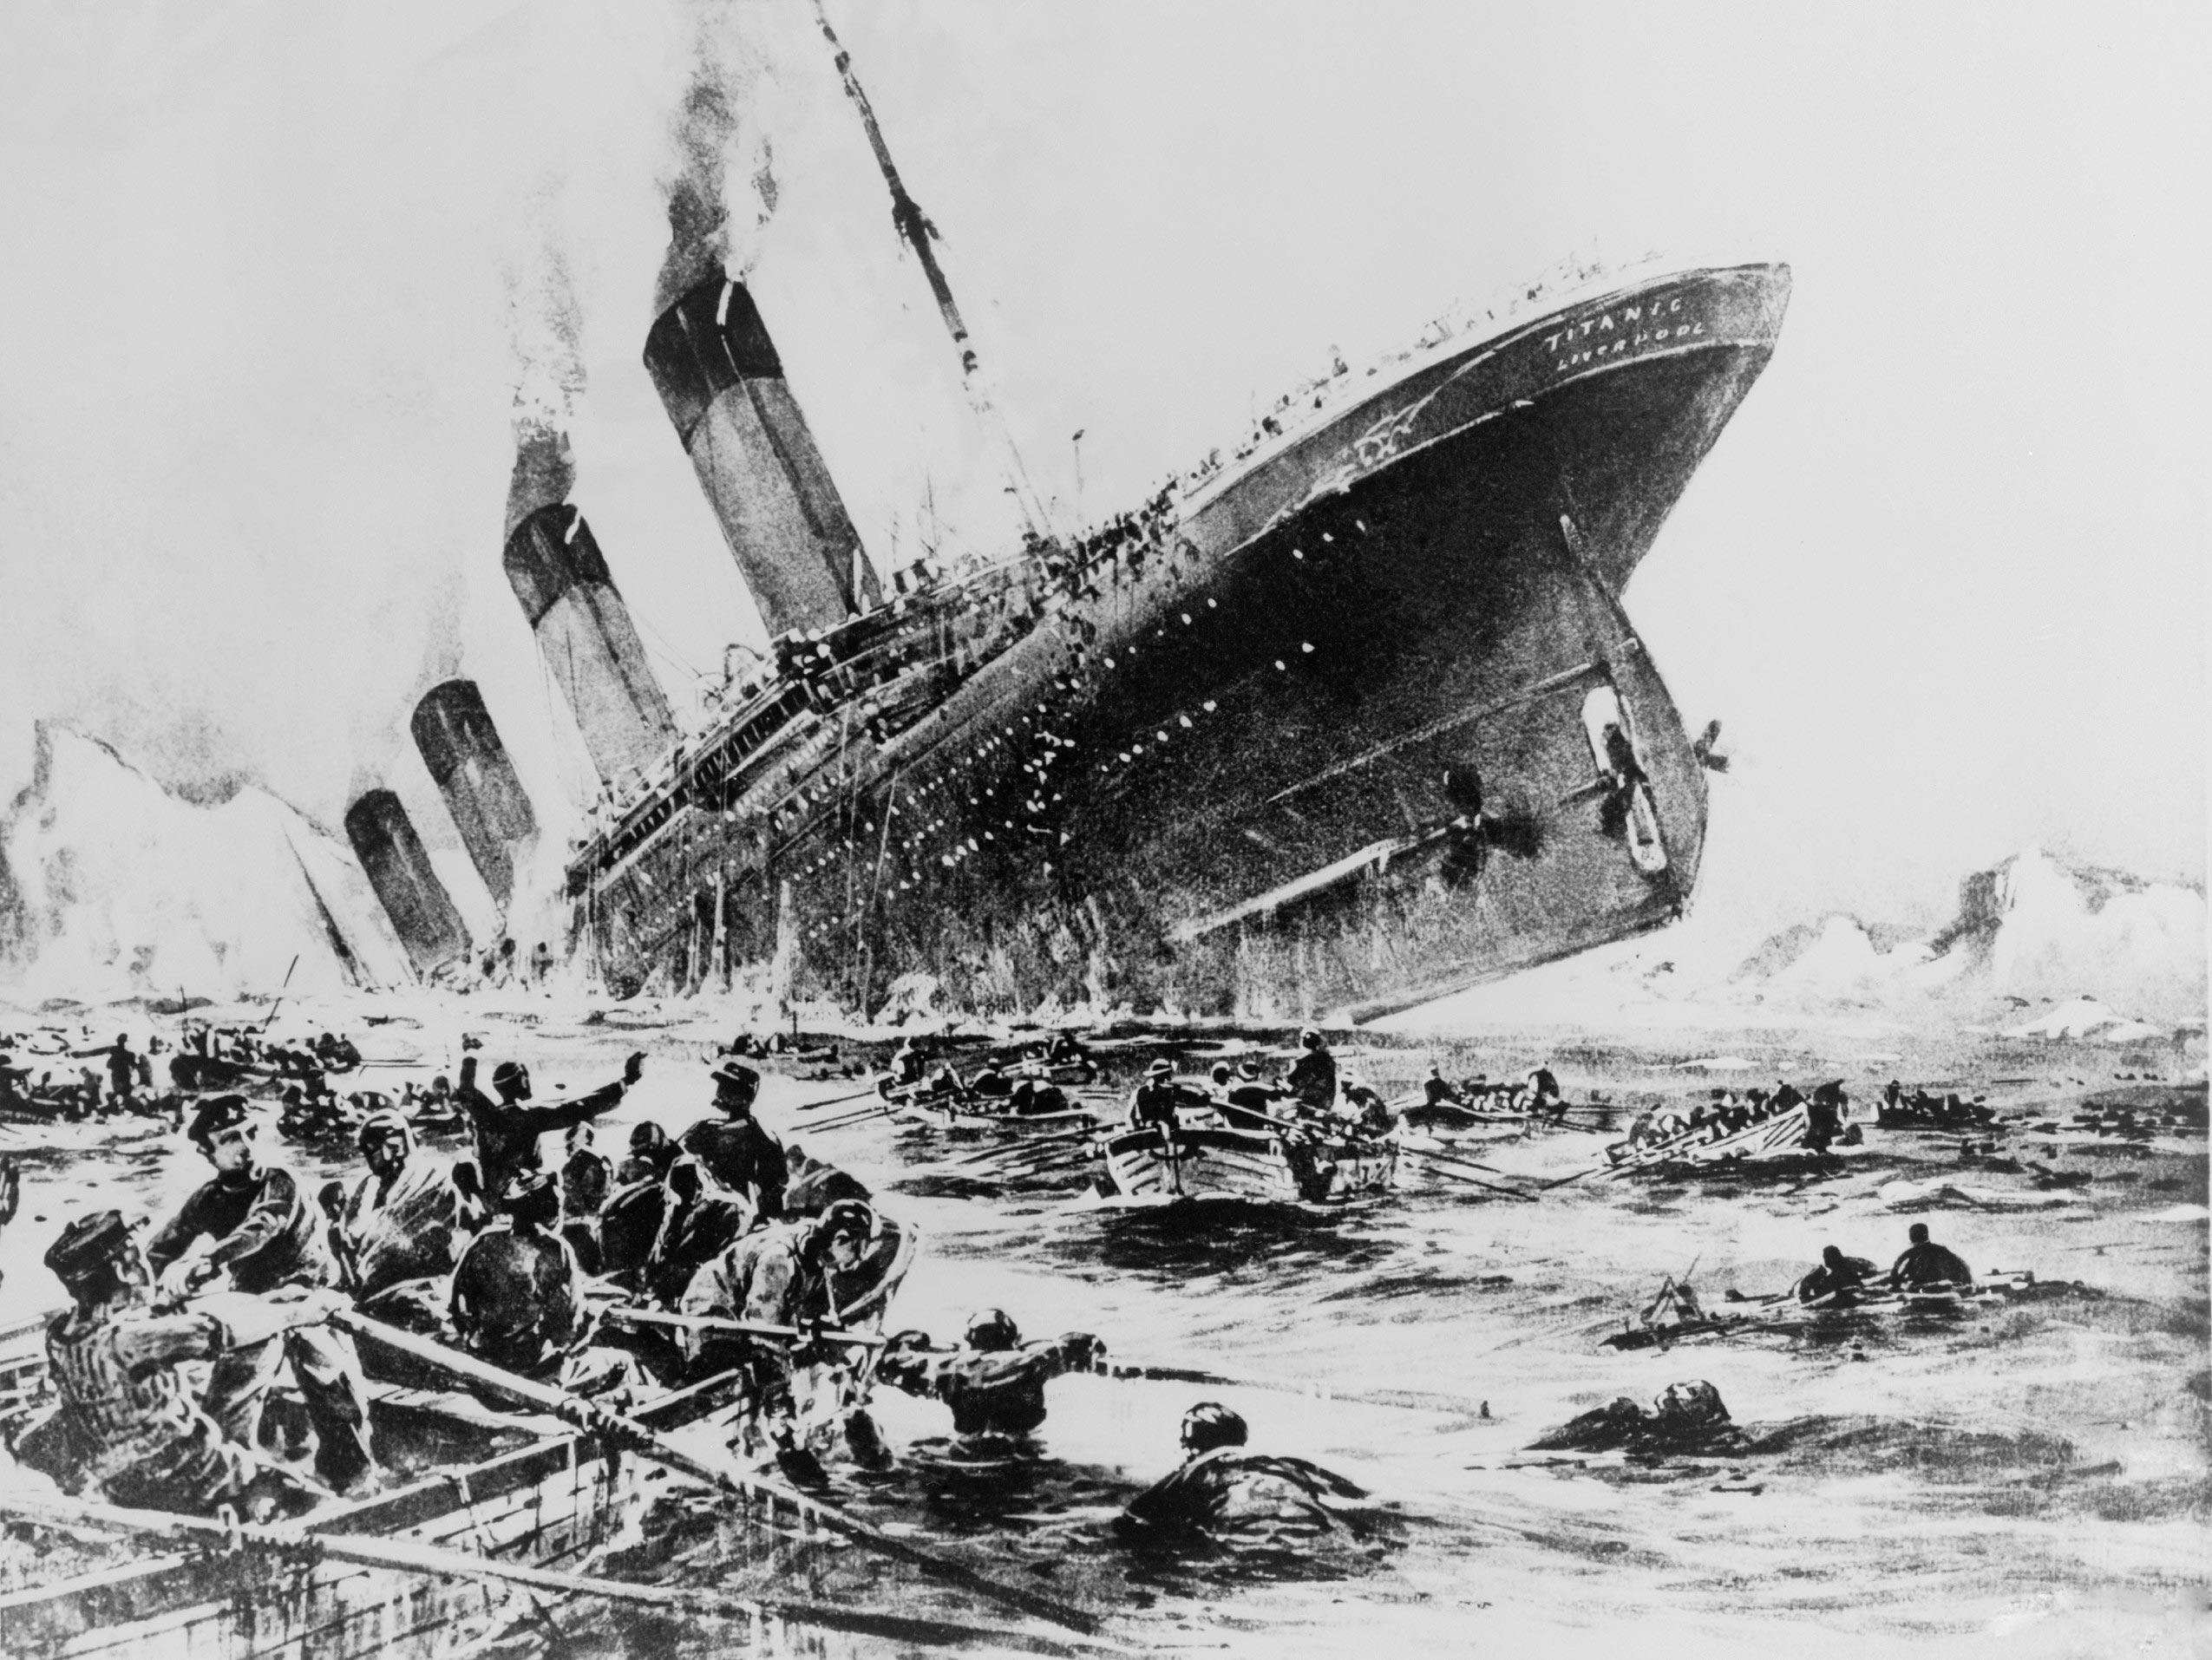 Τιτανικός: Περίπου 1.500 άνθρωποι πέθαναν στο ναυάγιο